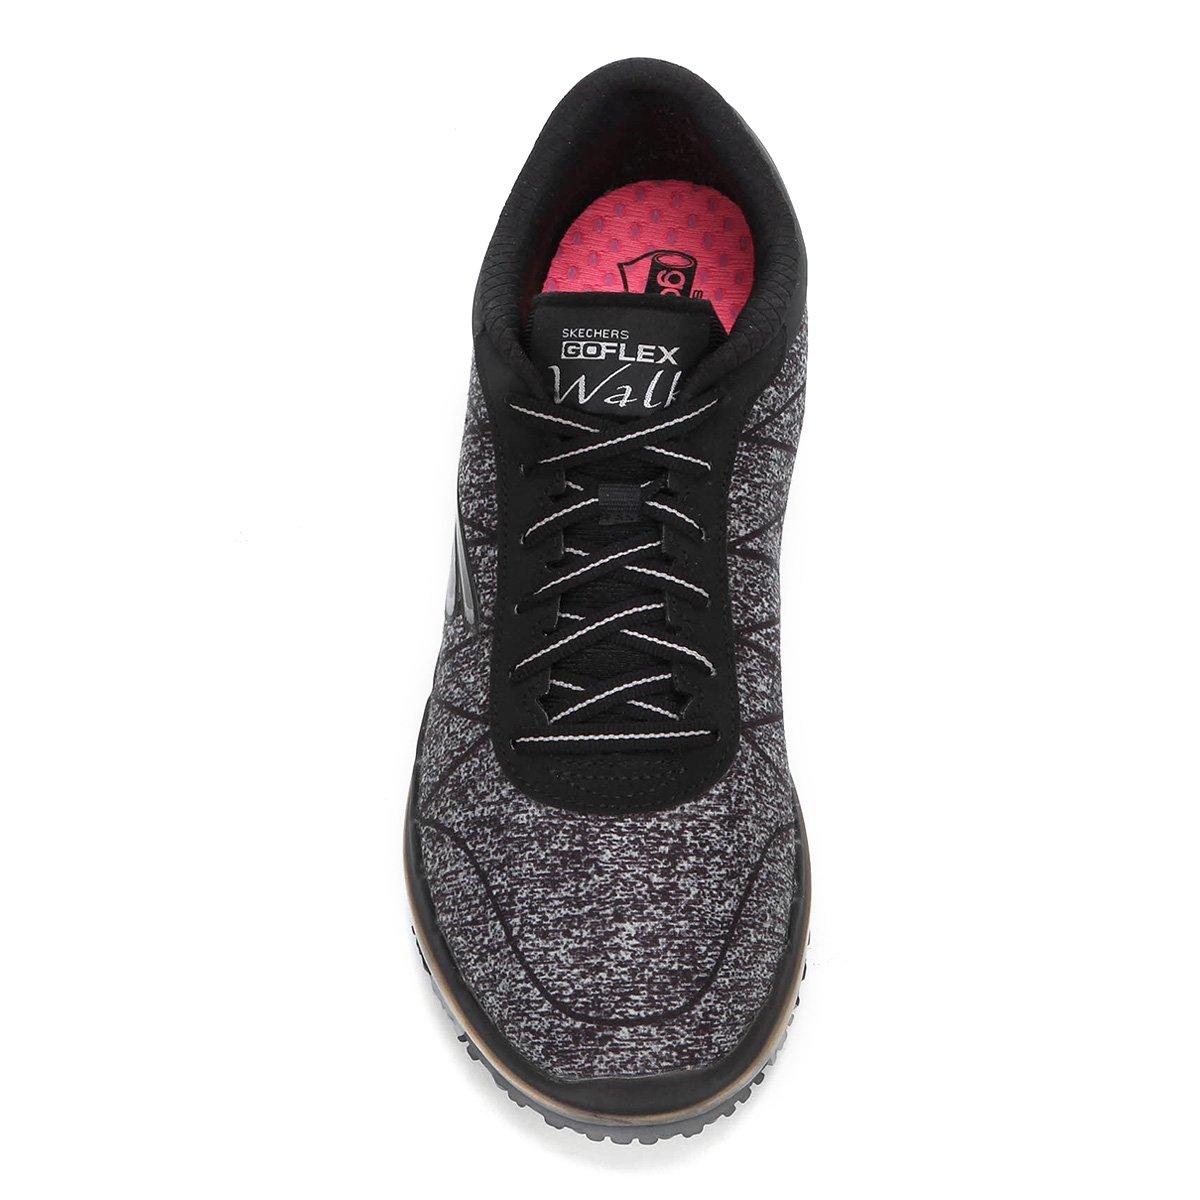 ... Tênis Skechers Go Flex Ability Feminino - Preto e Grafite - Compre ...  39eba3a875a786  Tênis Nike Lunarconverge Masculino ... 3eaeb0b4d872a